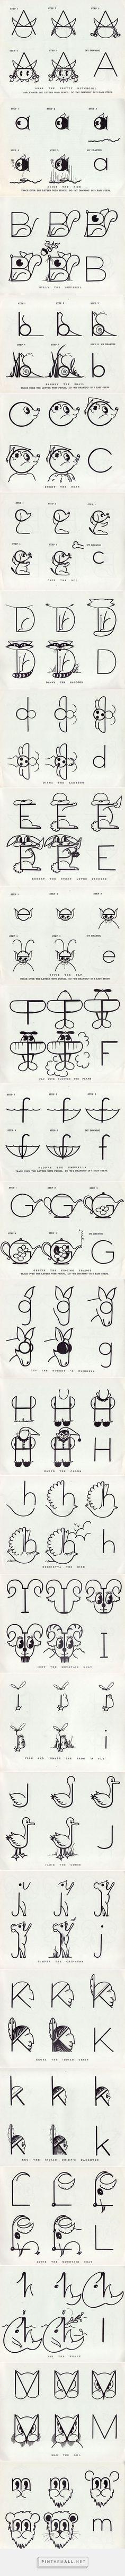 Alphabet Antics (Manuscript) 1955. Part i). | Present&Correct